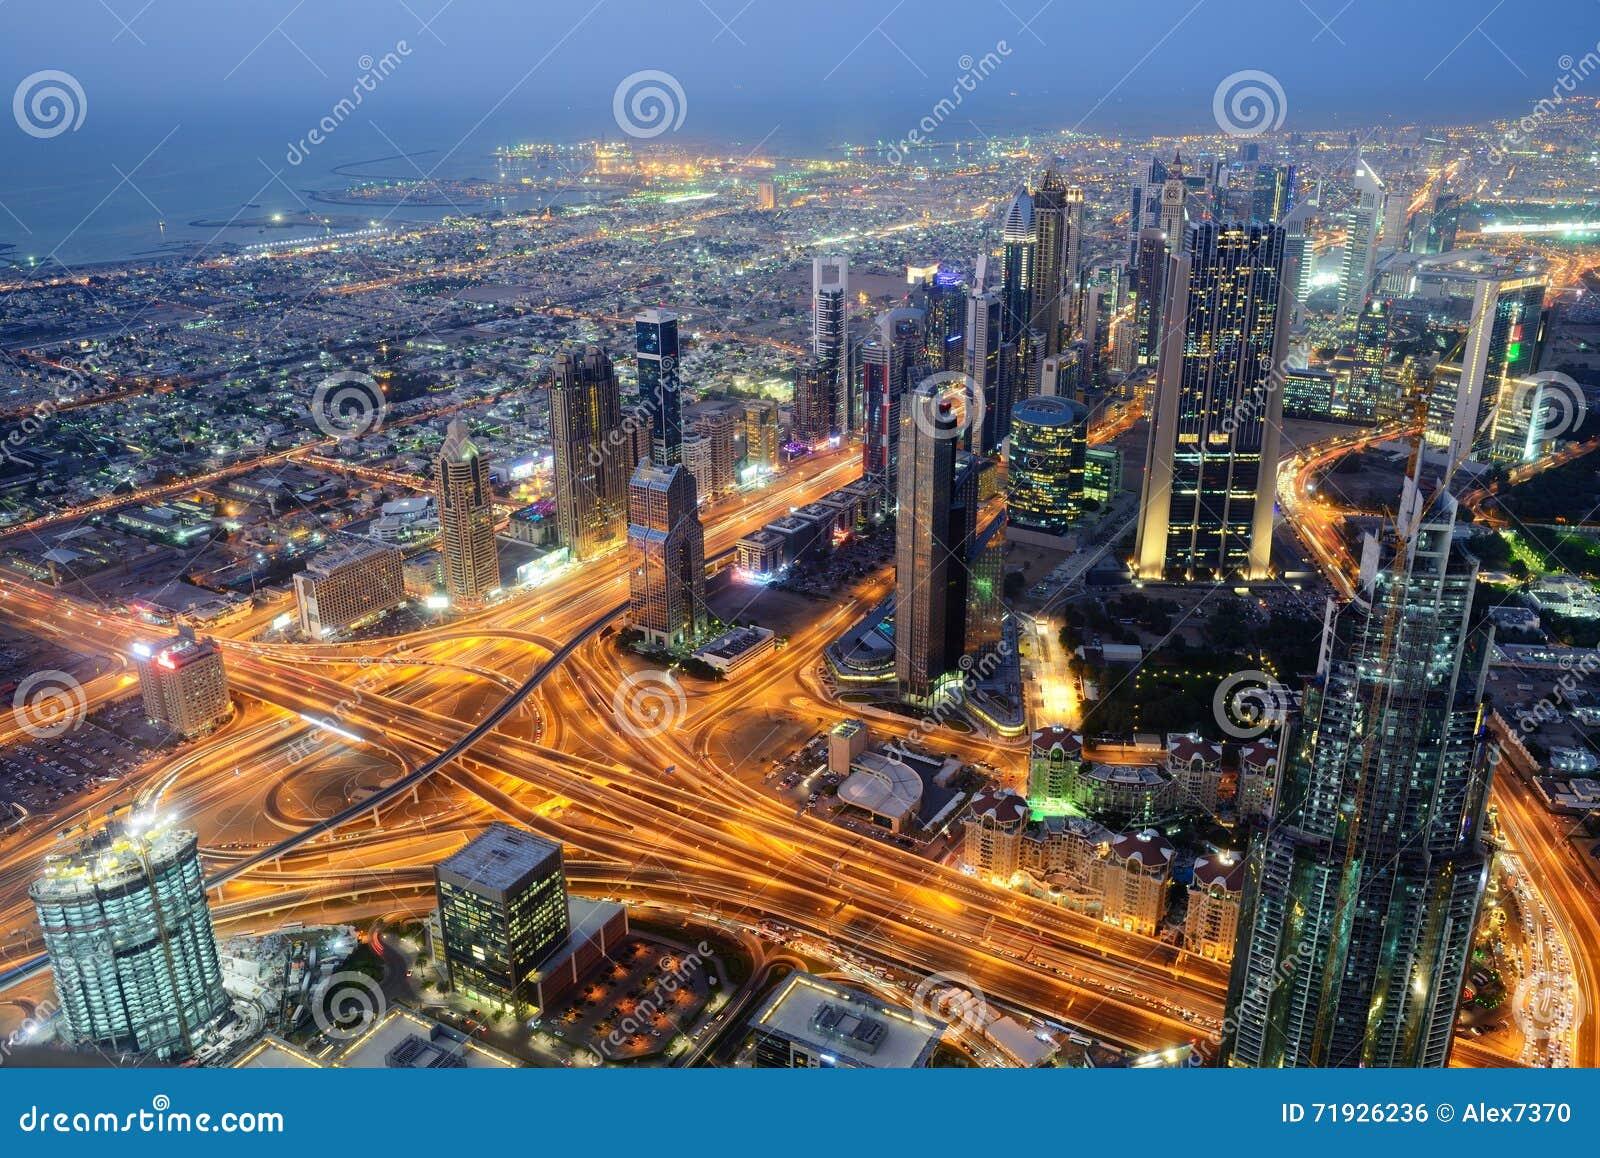 Воздушный взгляд ночи небоскребов всемирного торгового центра Дубай